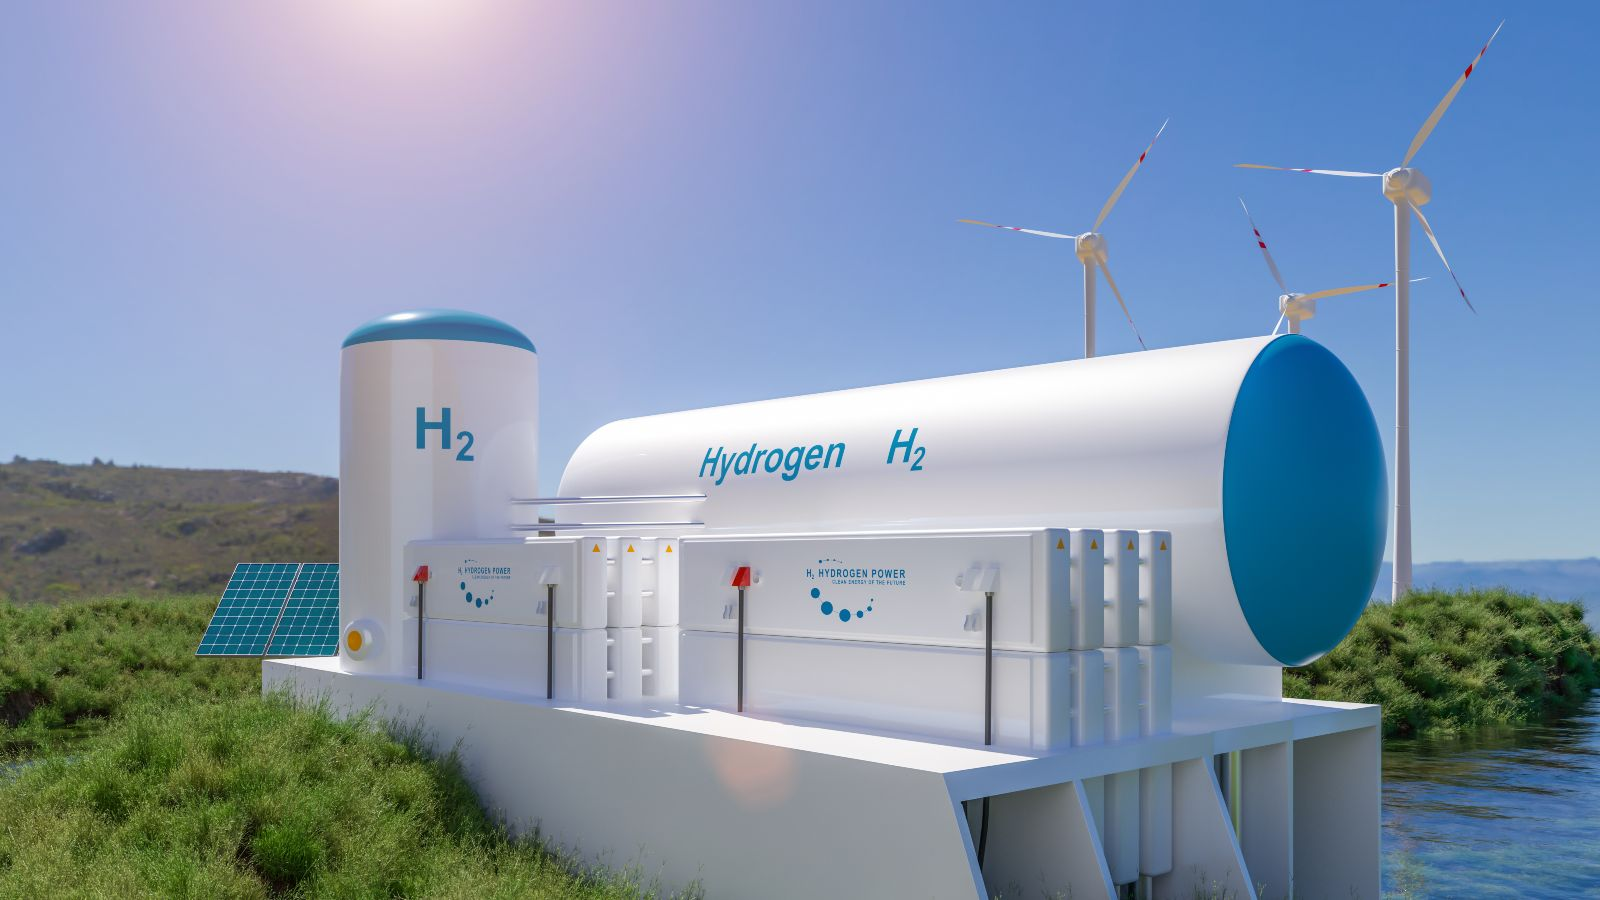 Das Bild zeigt einen Elektrolyseur neben einem Windrad an einer Küste.